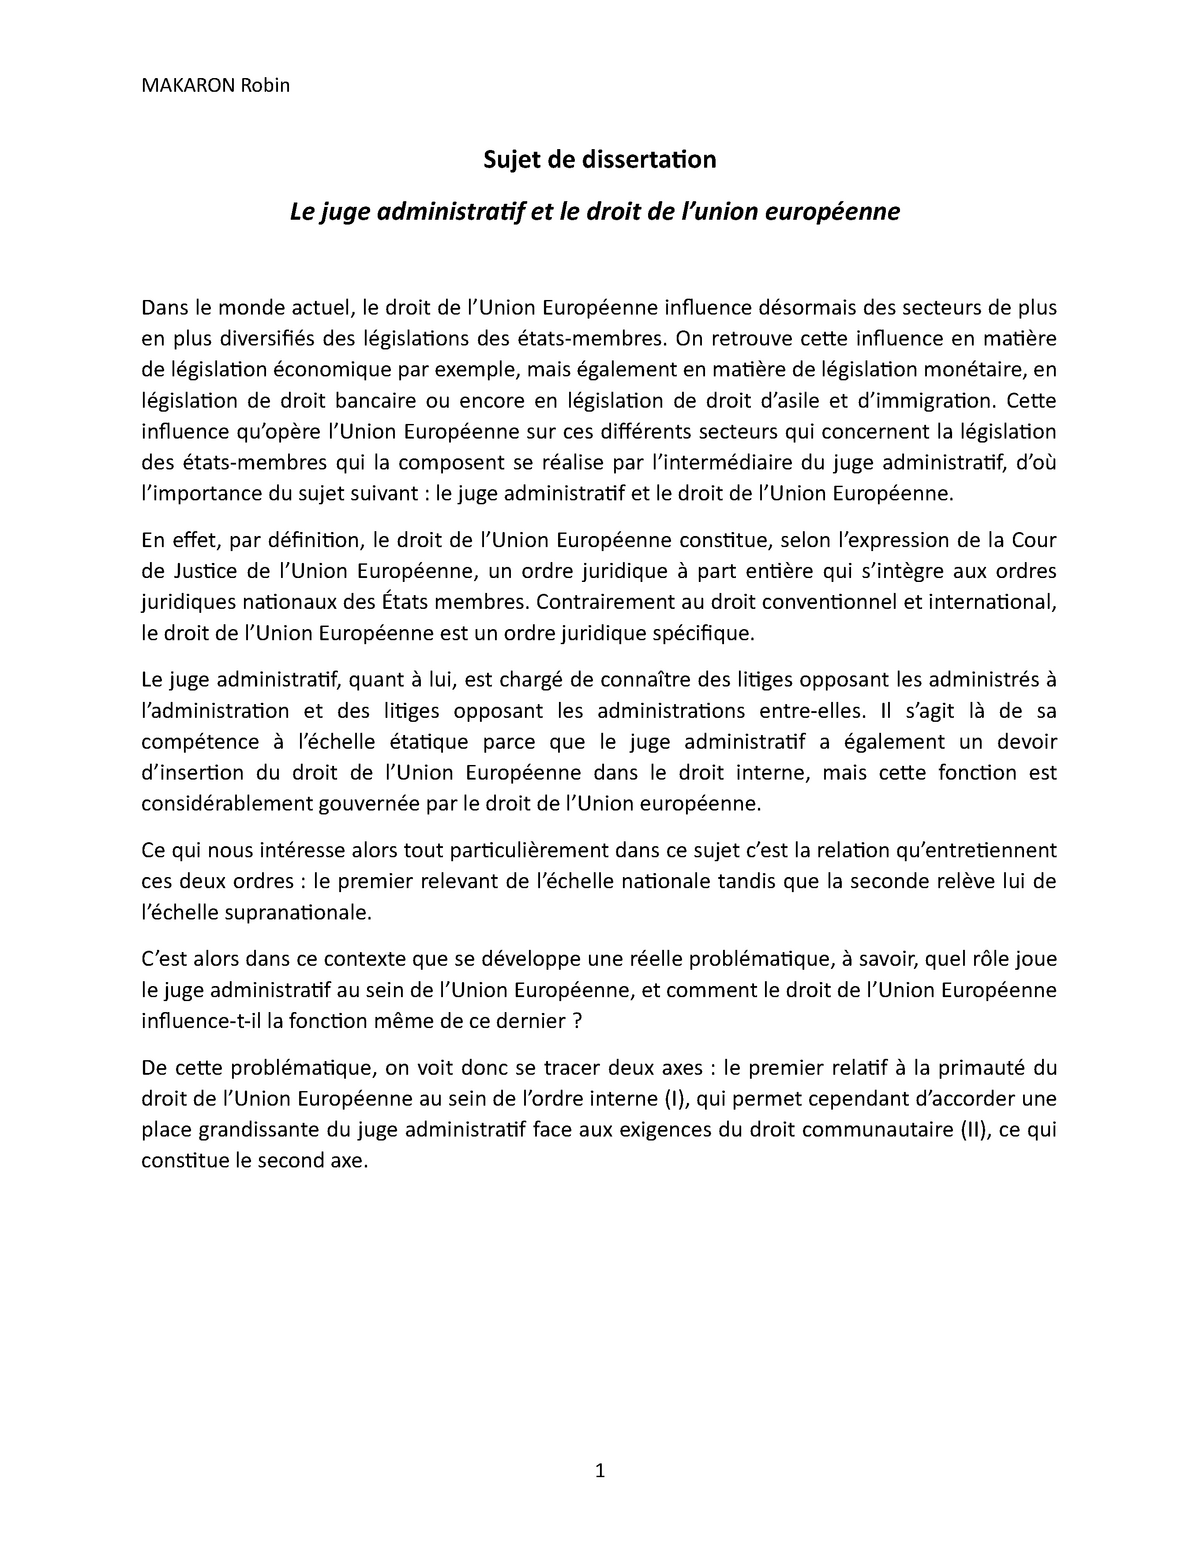 Dissertation en droit administratif